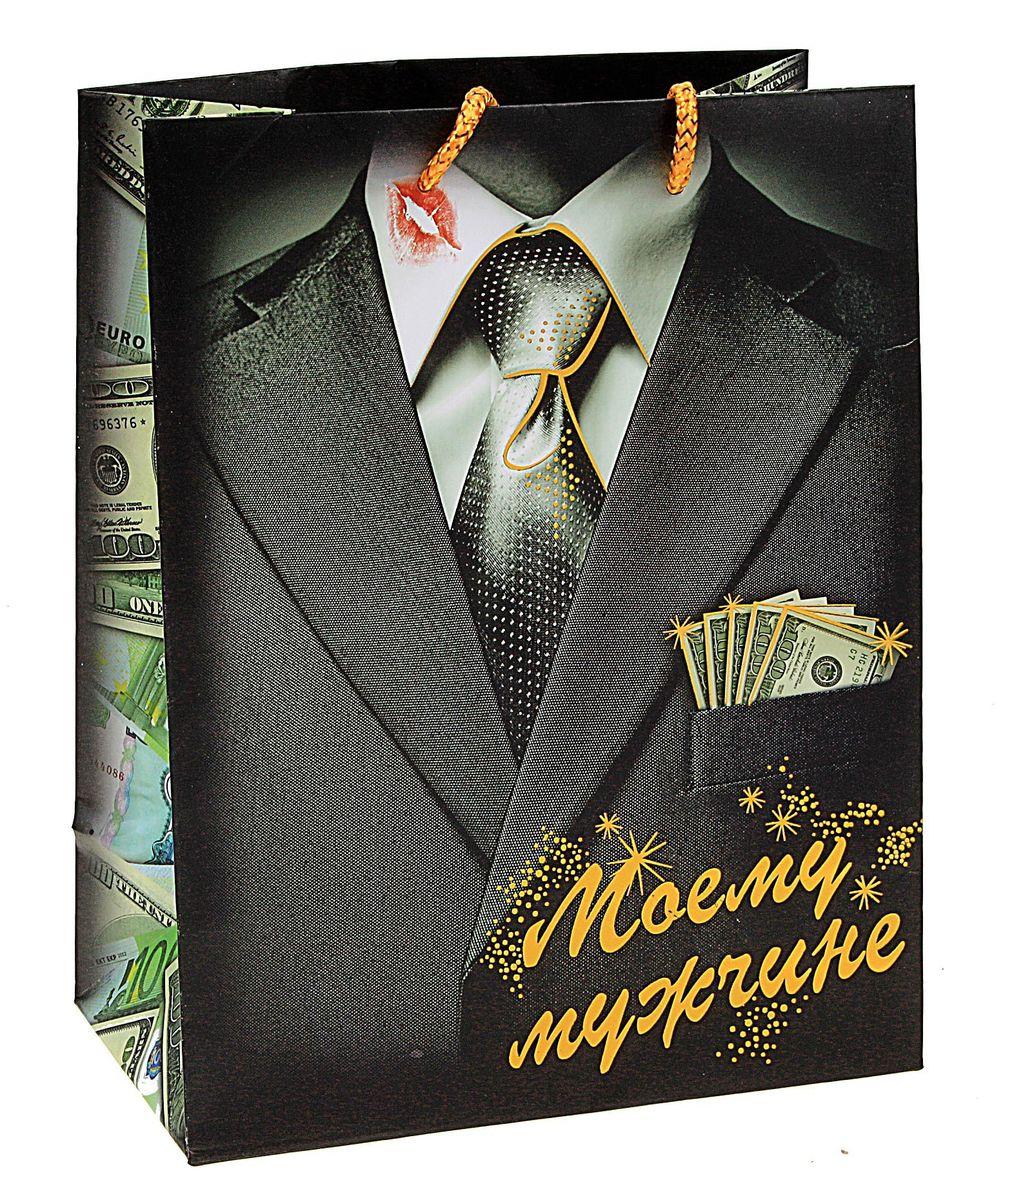 Пакет подарочный Sima-land Моему мужчине, 23 х 18 х 10 см818572Подарочный пакет Моему мужчине, изготовленный из плотной бумаги, станет незаменимым дополнением к выбранному подарку. Дно изделия укреплено плотным картоном, который позволяет сохранить форму и исключает возможность деформации дна под тяжестью подарка. Для удобной переноски имеются две ручки из шнурков. Подарок, преподнесенный в оригинальной упаковке, всегда будет самым эффектным и запоминающимся. Окружите близких людей вниманием и заботой, вручив презент в нарядном, праздничном оформлении.